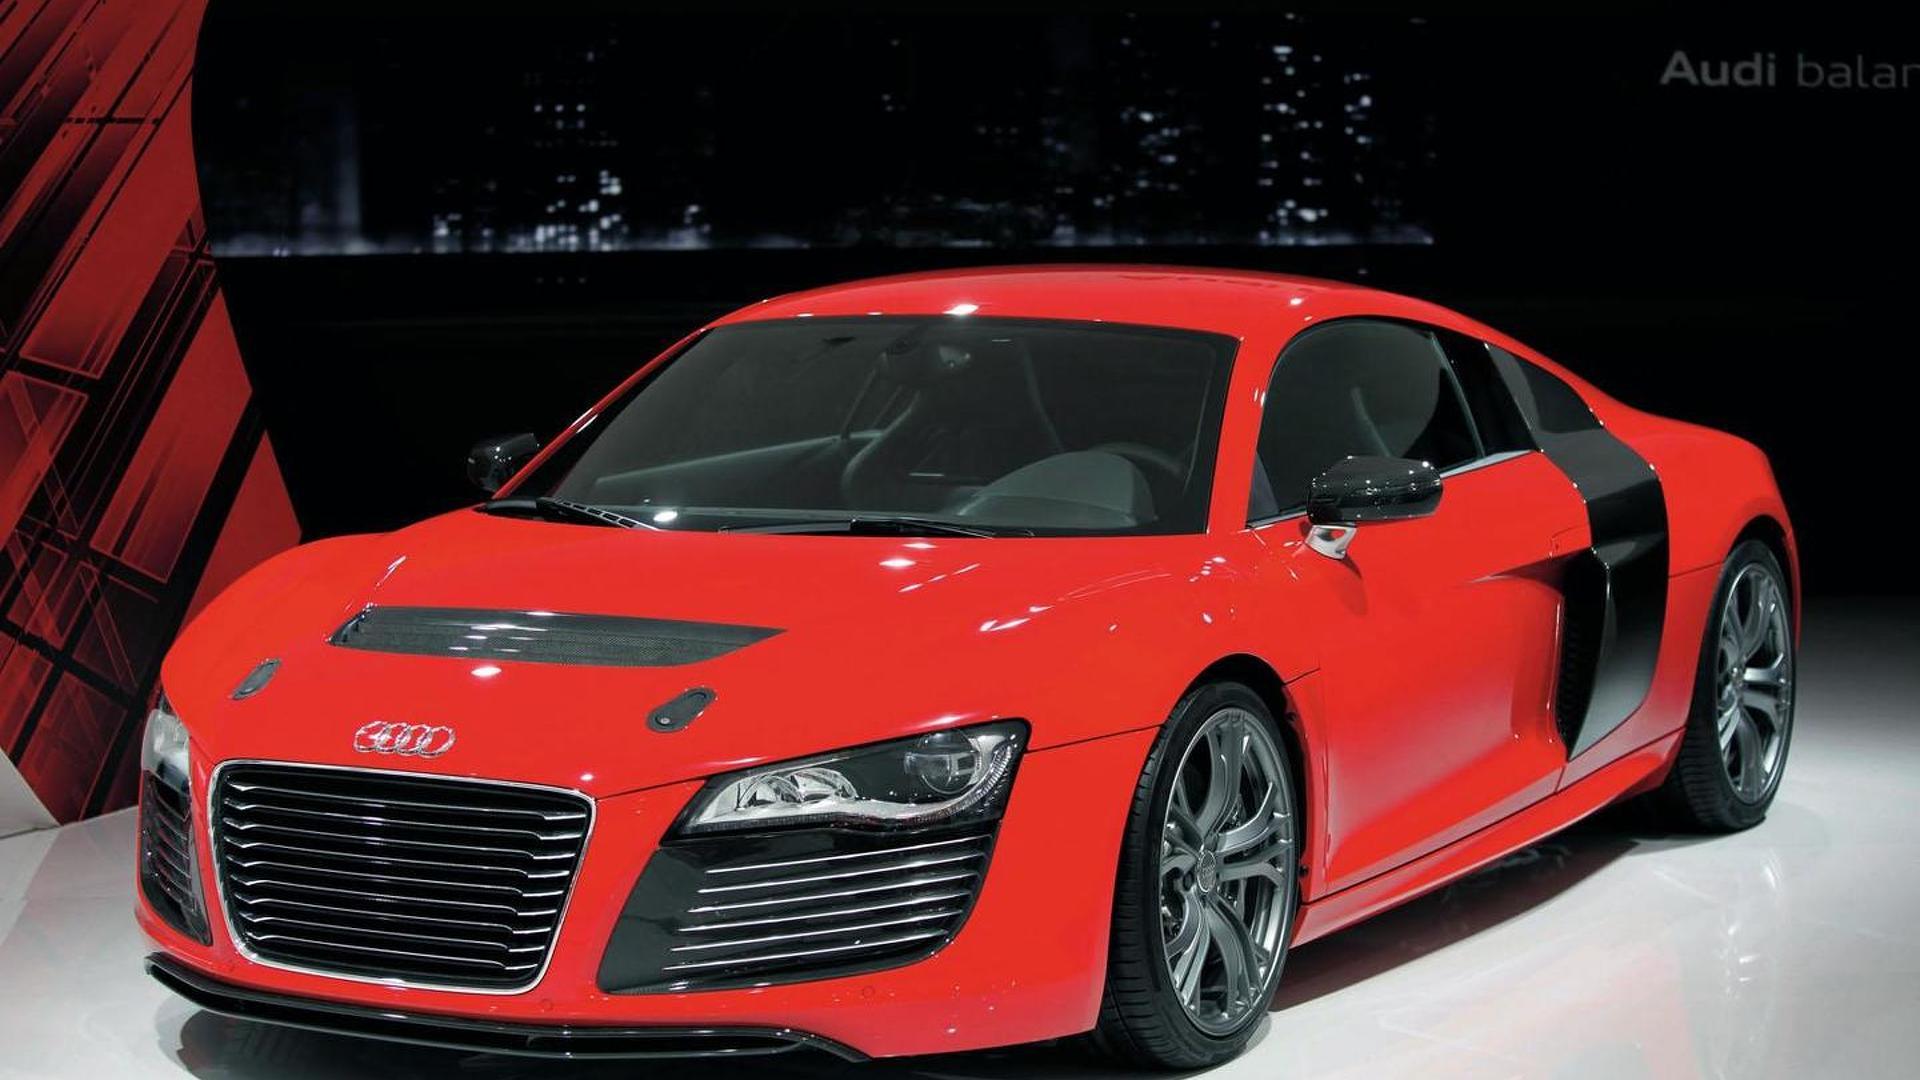 Audi R ETron Prototype Unveiled - Audi r8 e tron